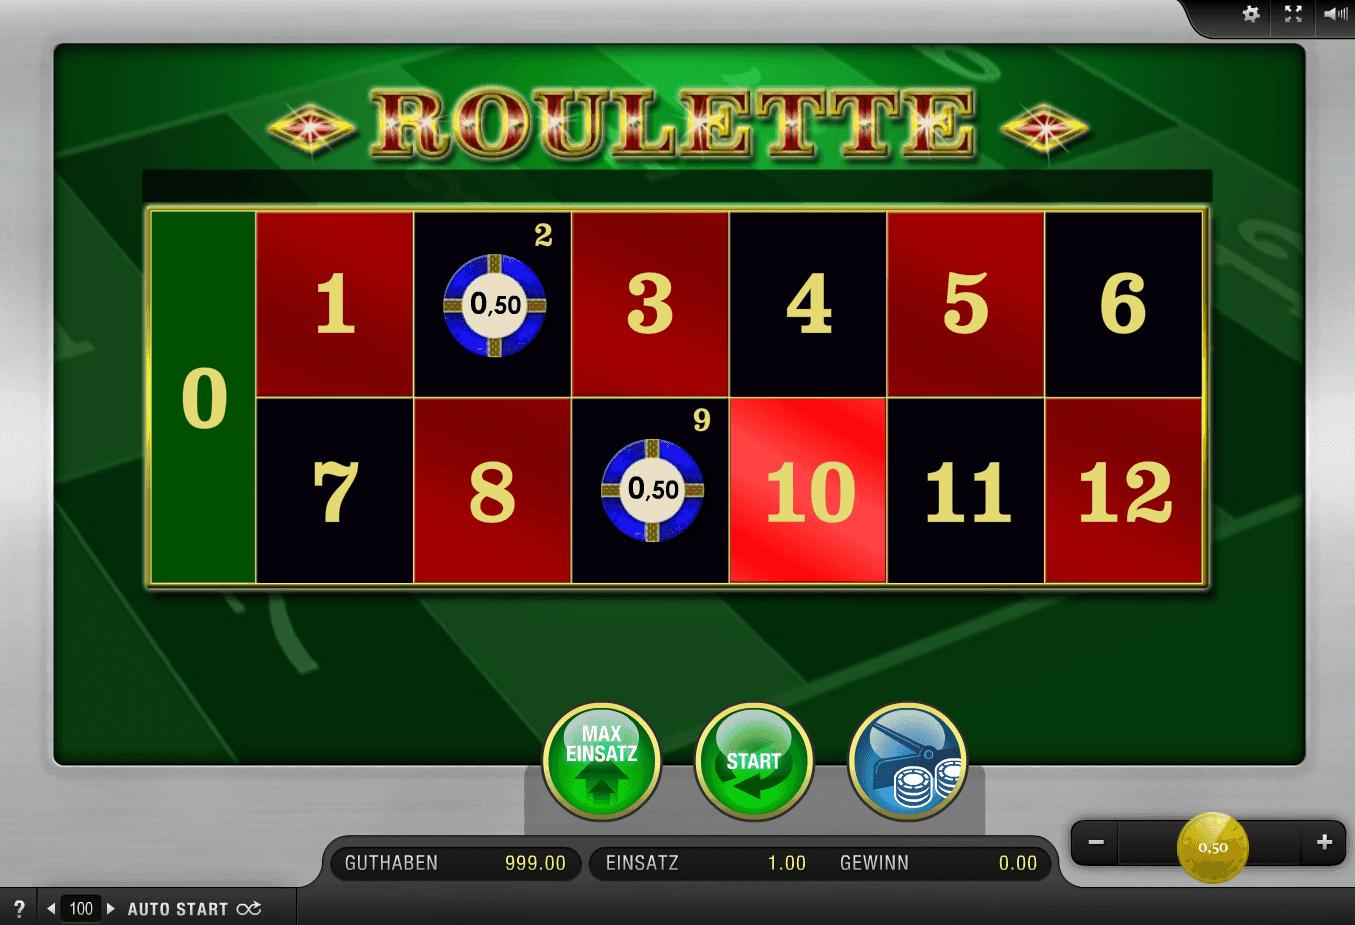 merkur roulette online echtes aliens kostenlos spielen ohne anmeldung